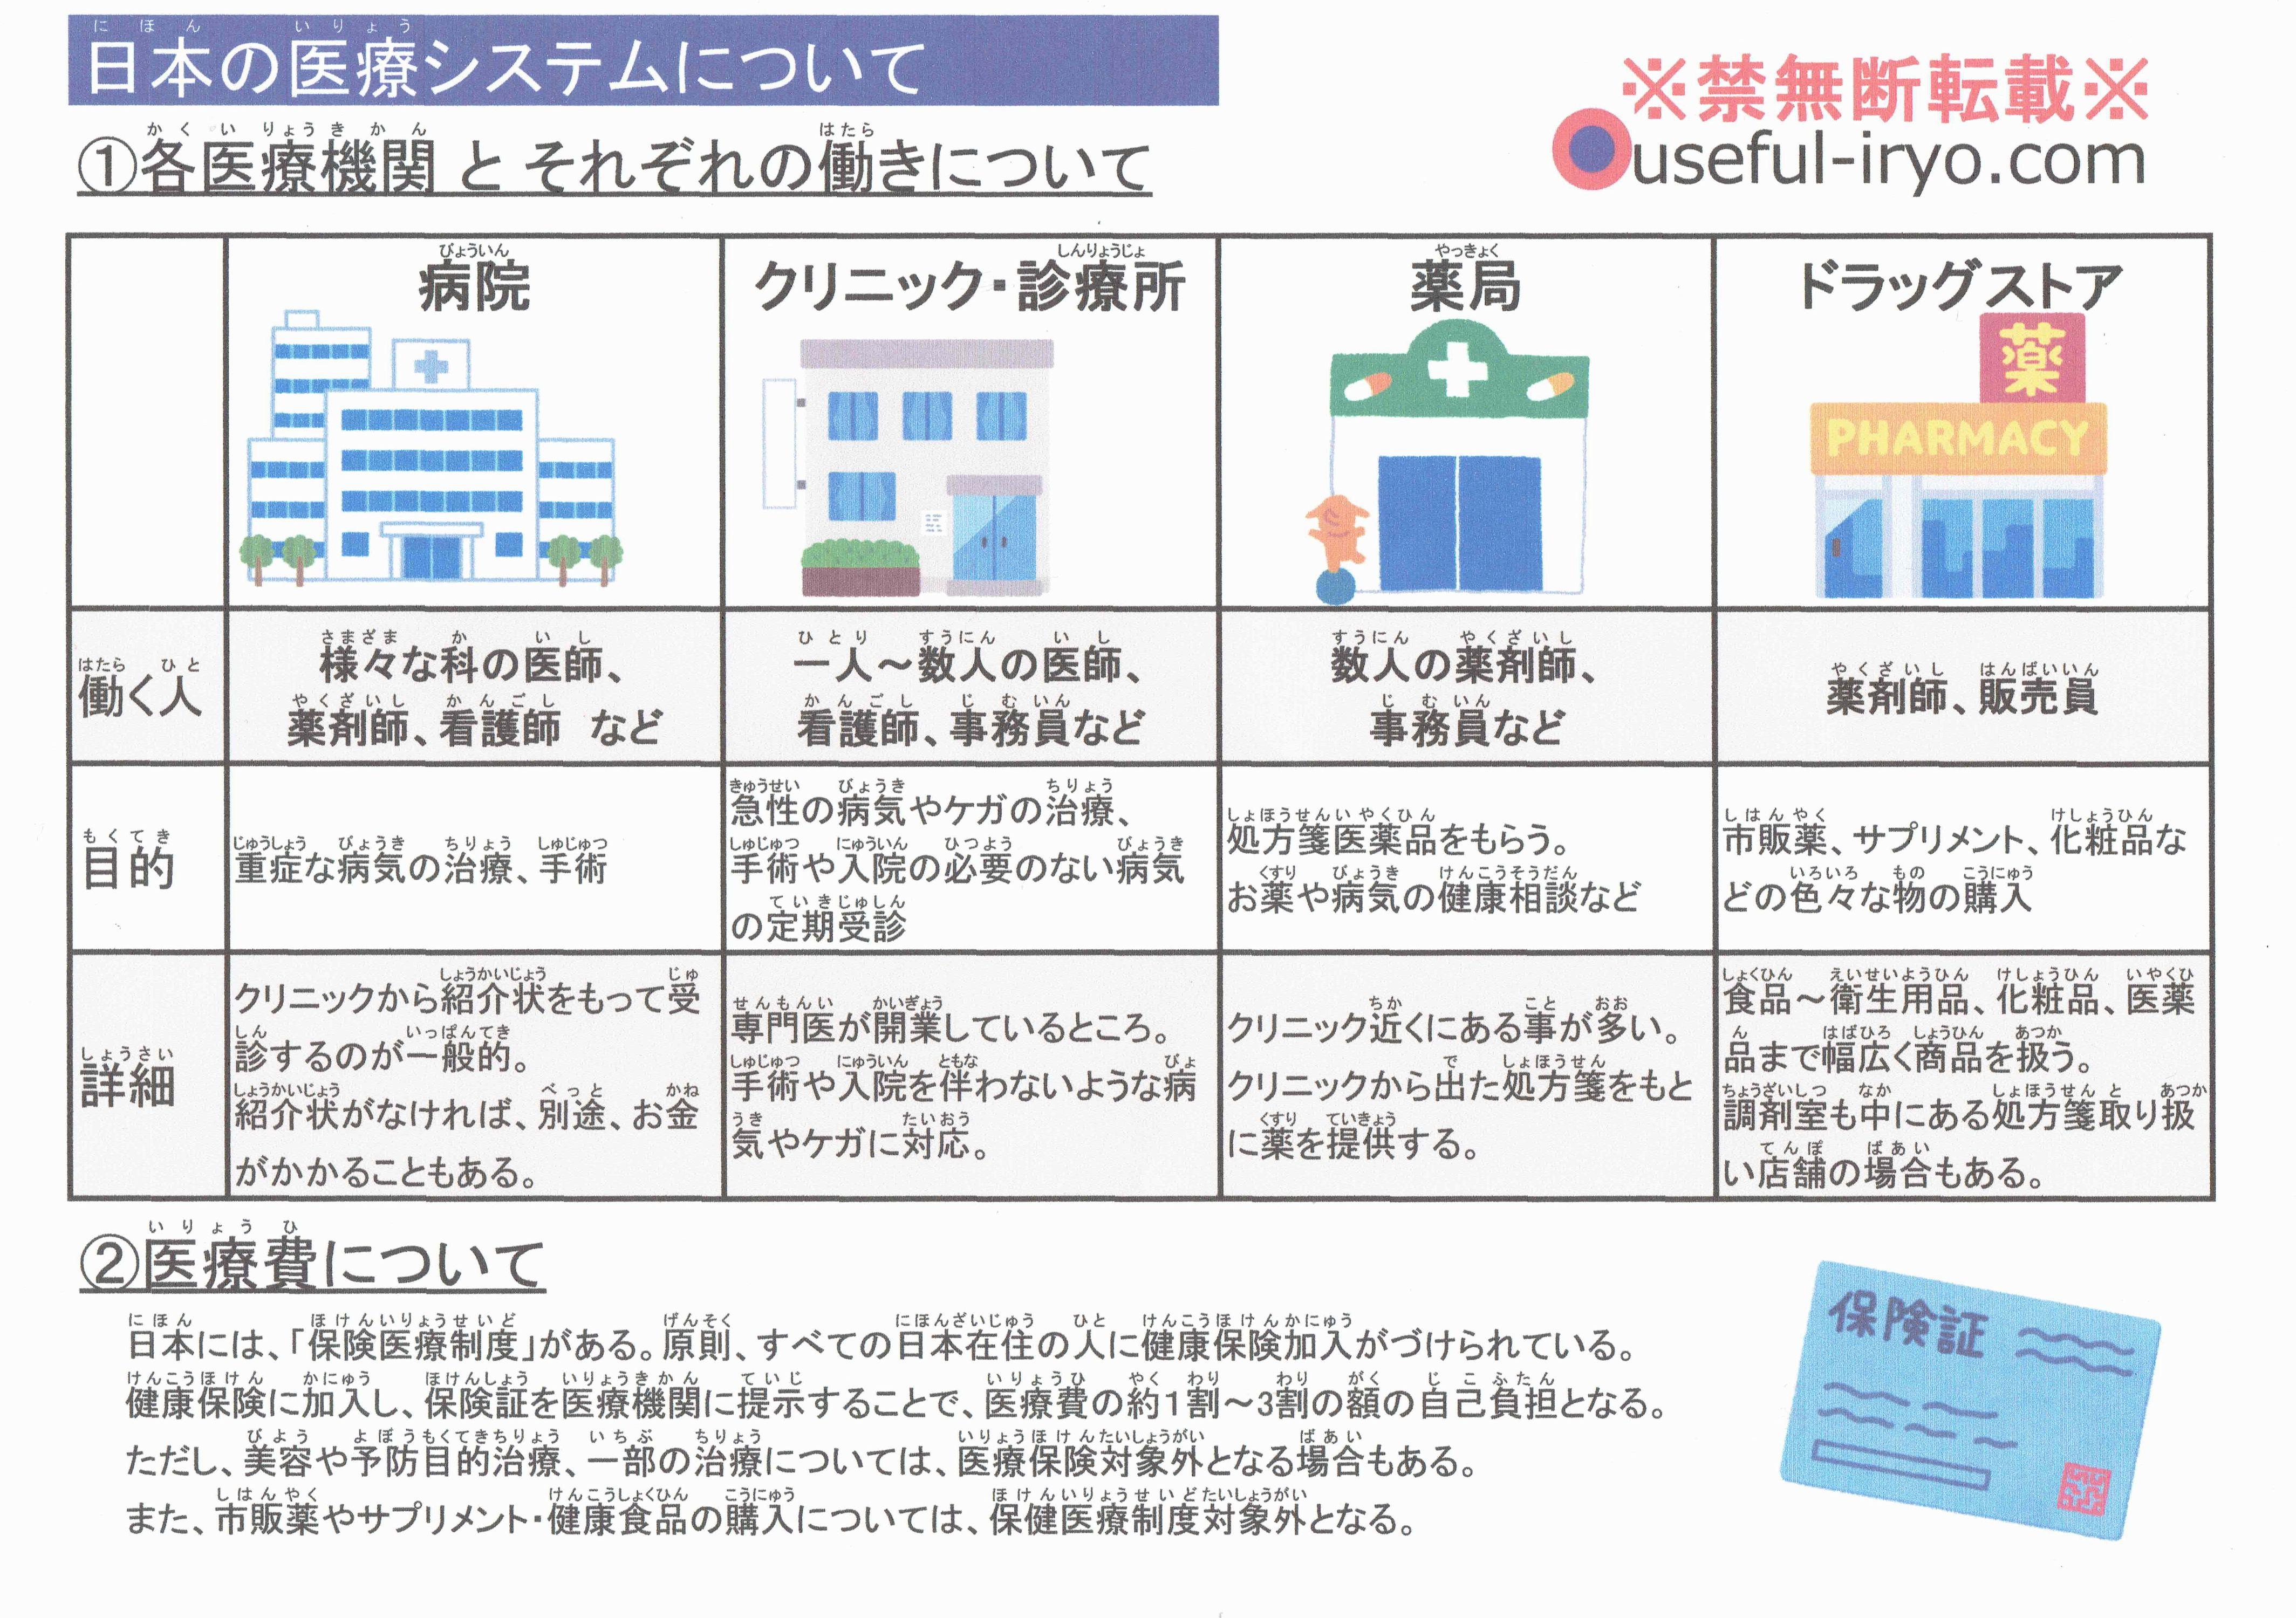 日本の医療システム(日本語1)